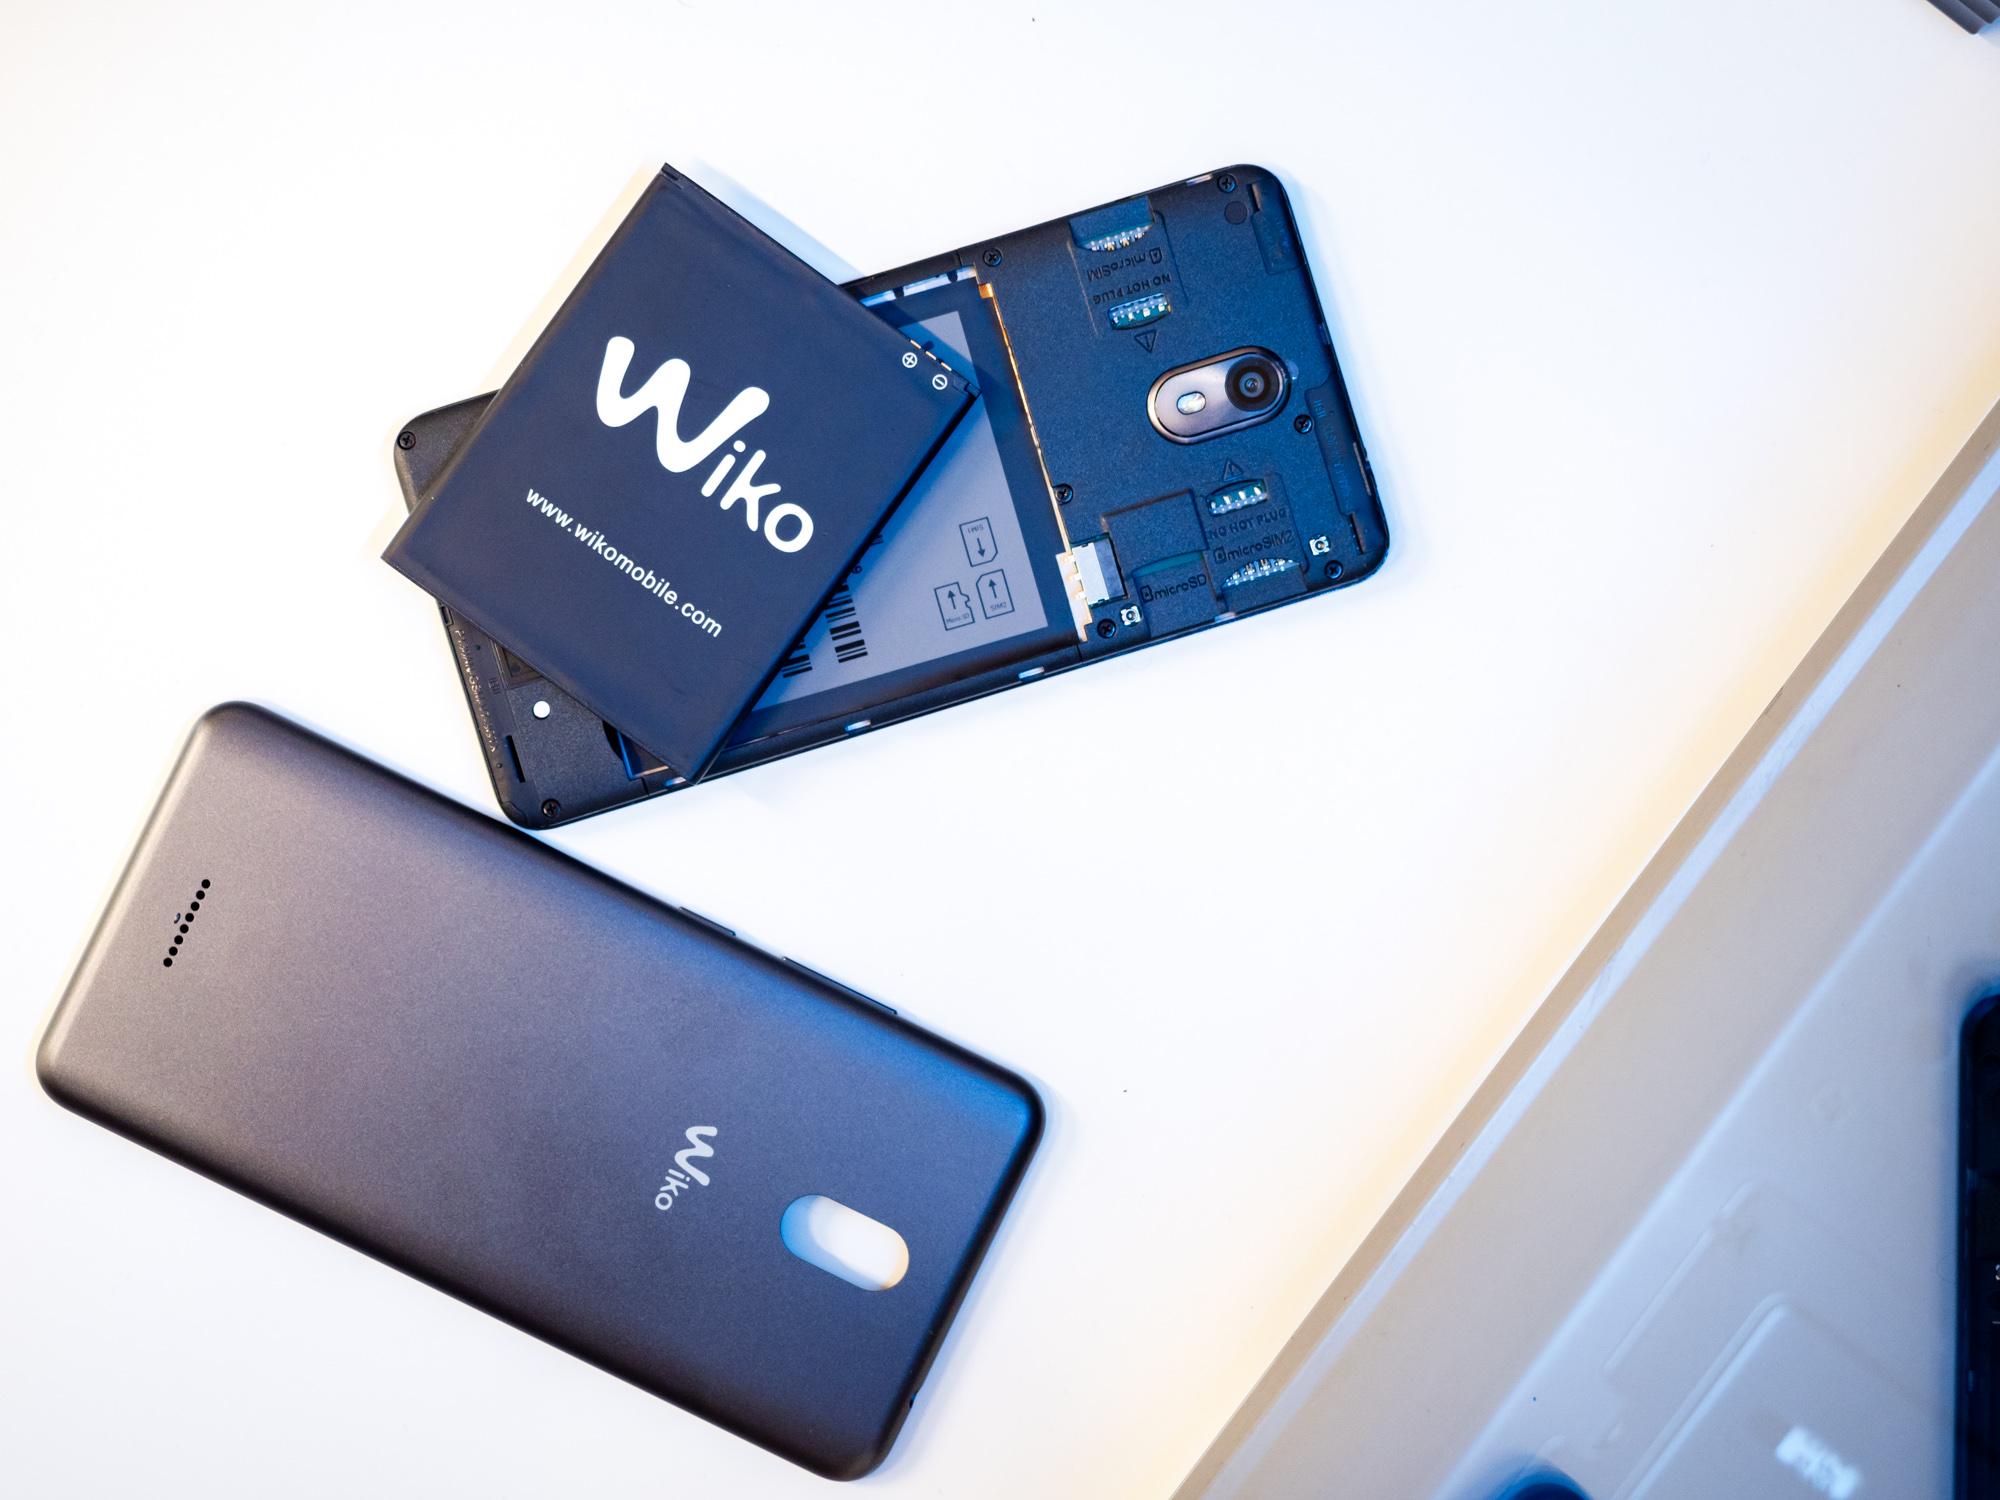 Jaki smartfon do 500 zł - Wiko View Go